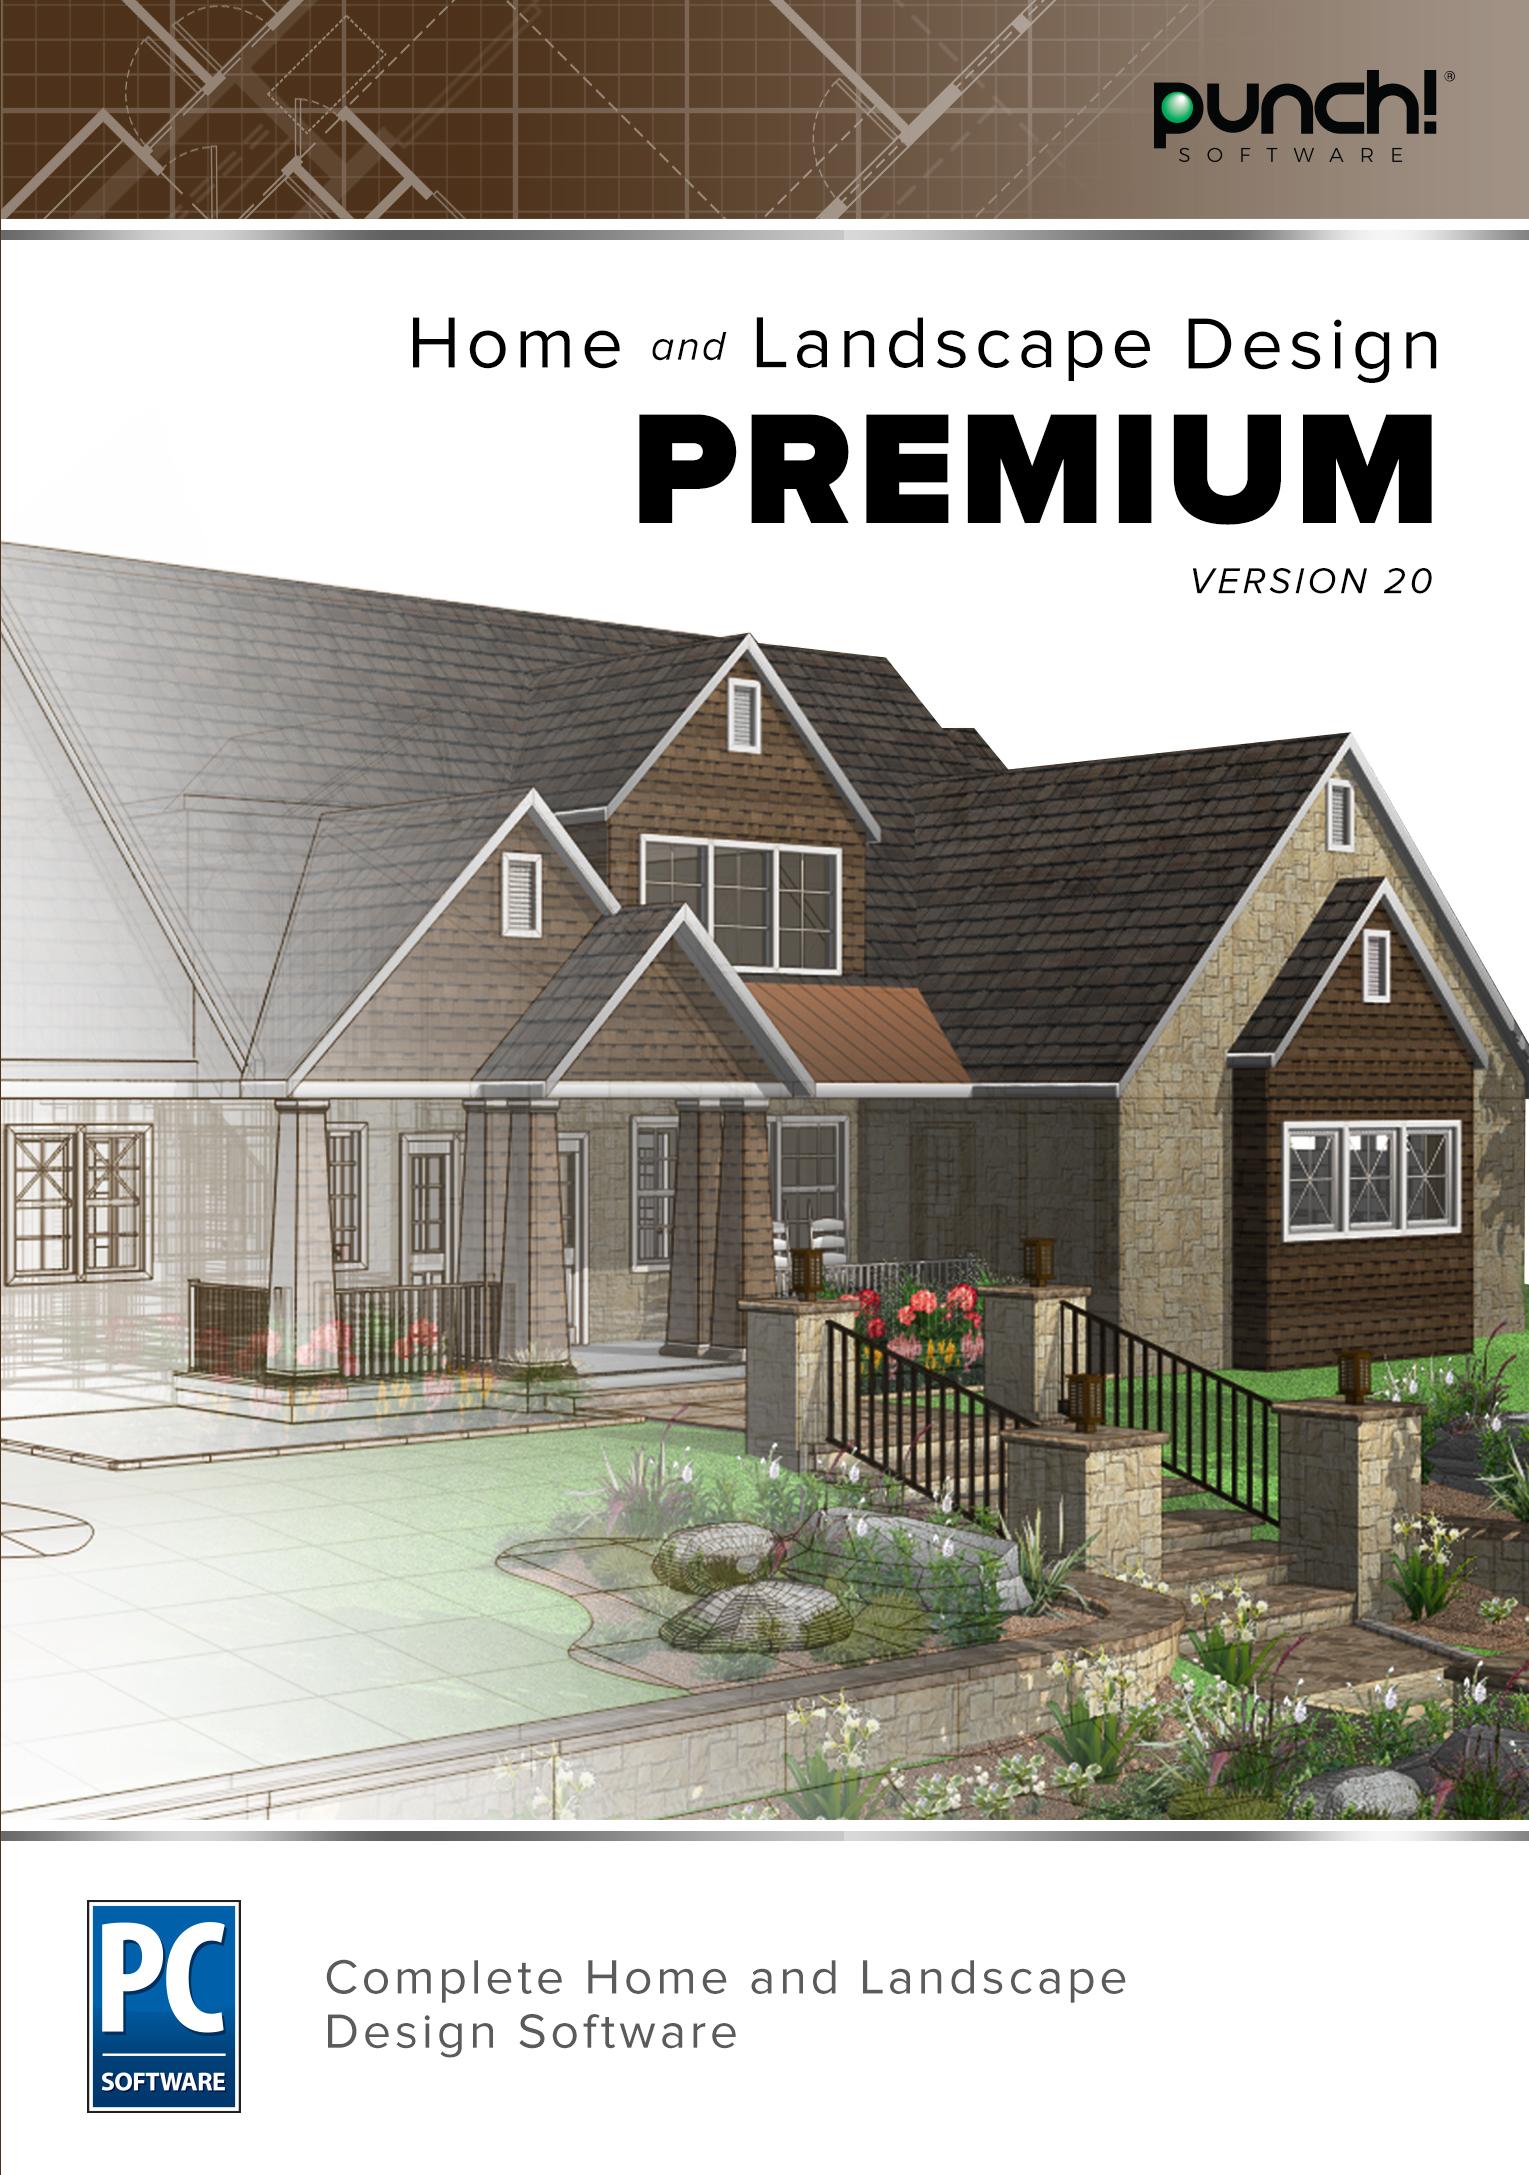 Punch Home Landscape Design Premium V20